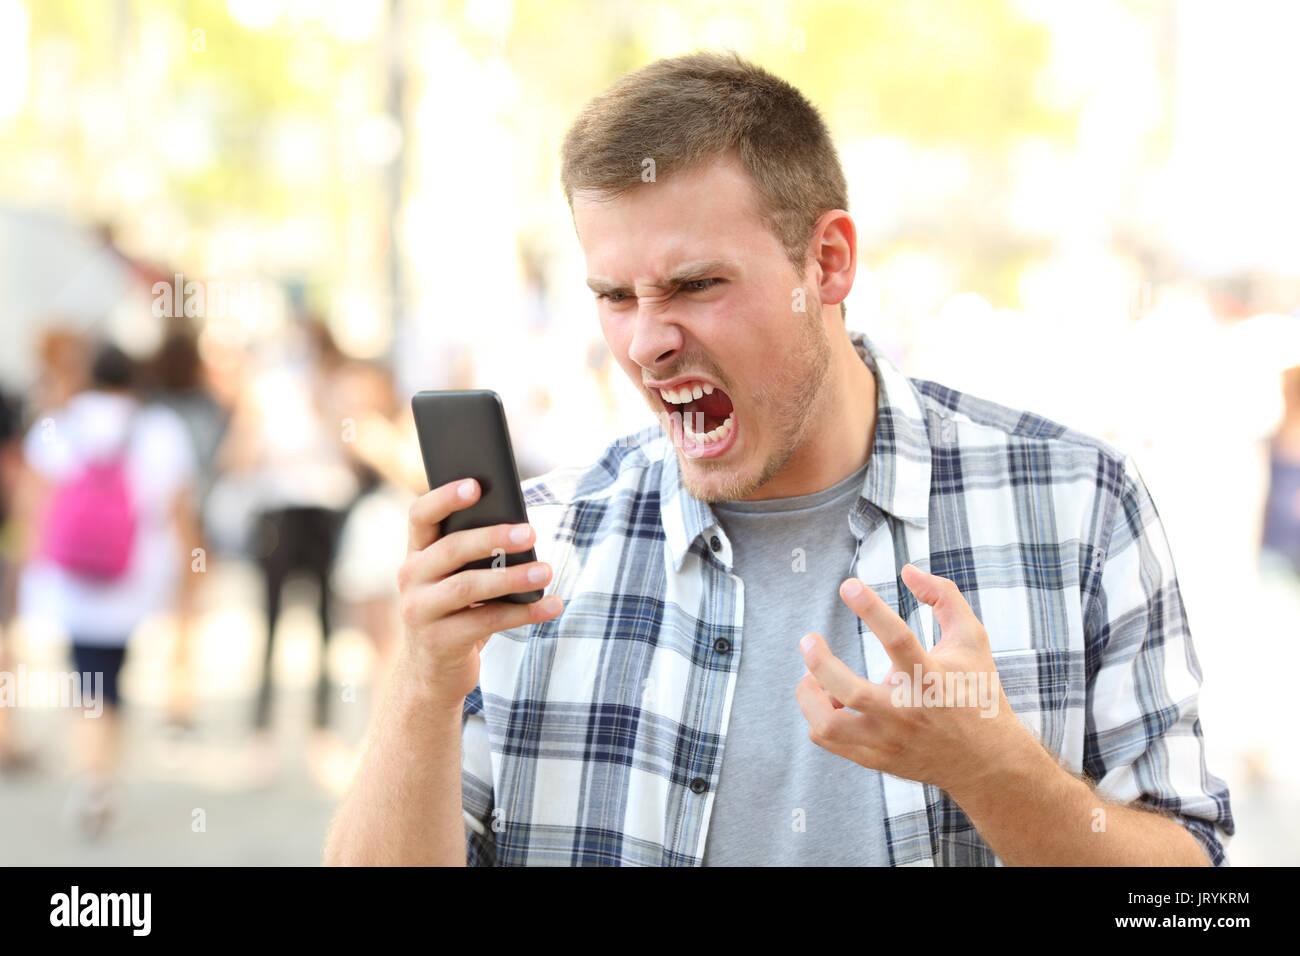 El hombre enojado mantiene bloqueado el teléfono móvil en la calle Imagen De Stock